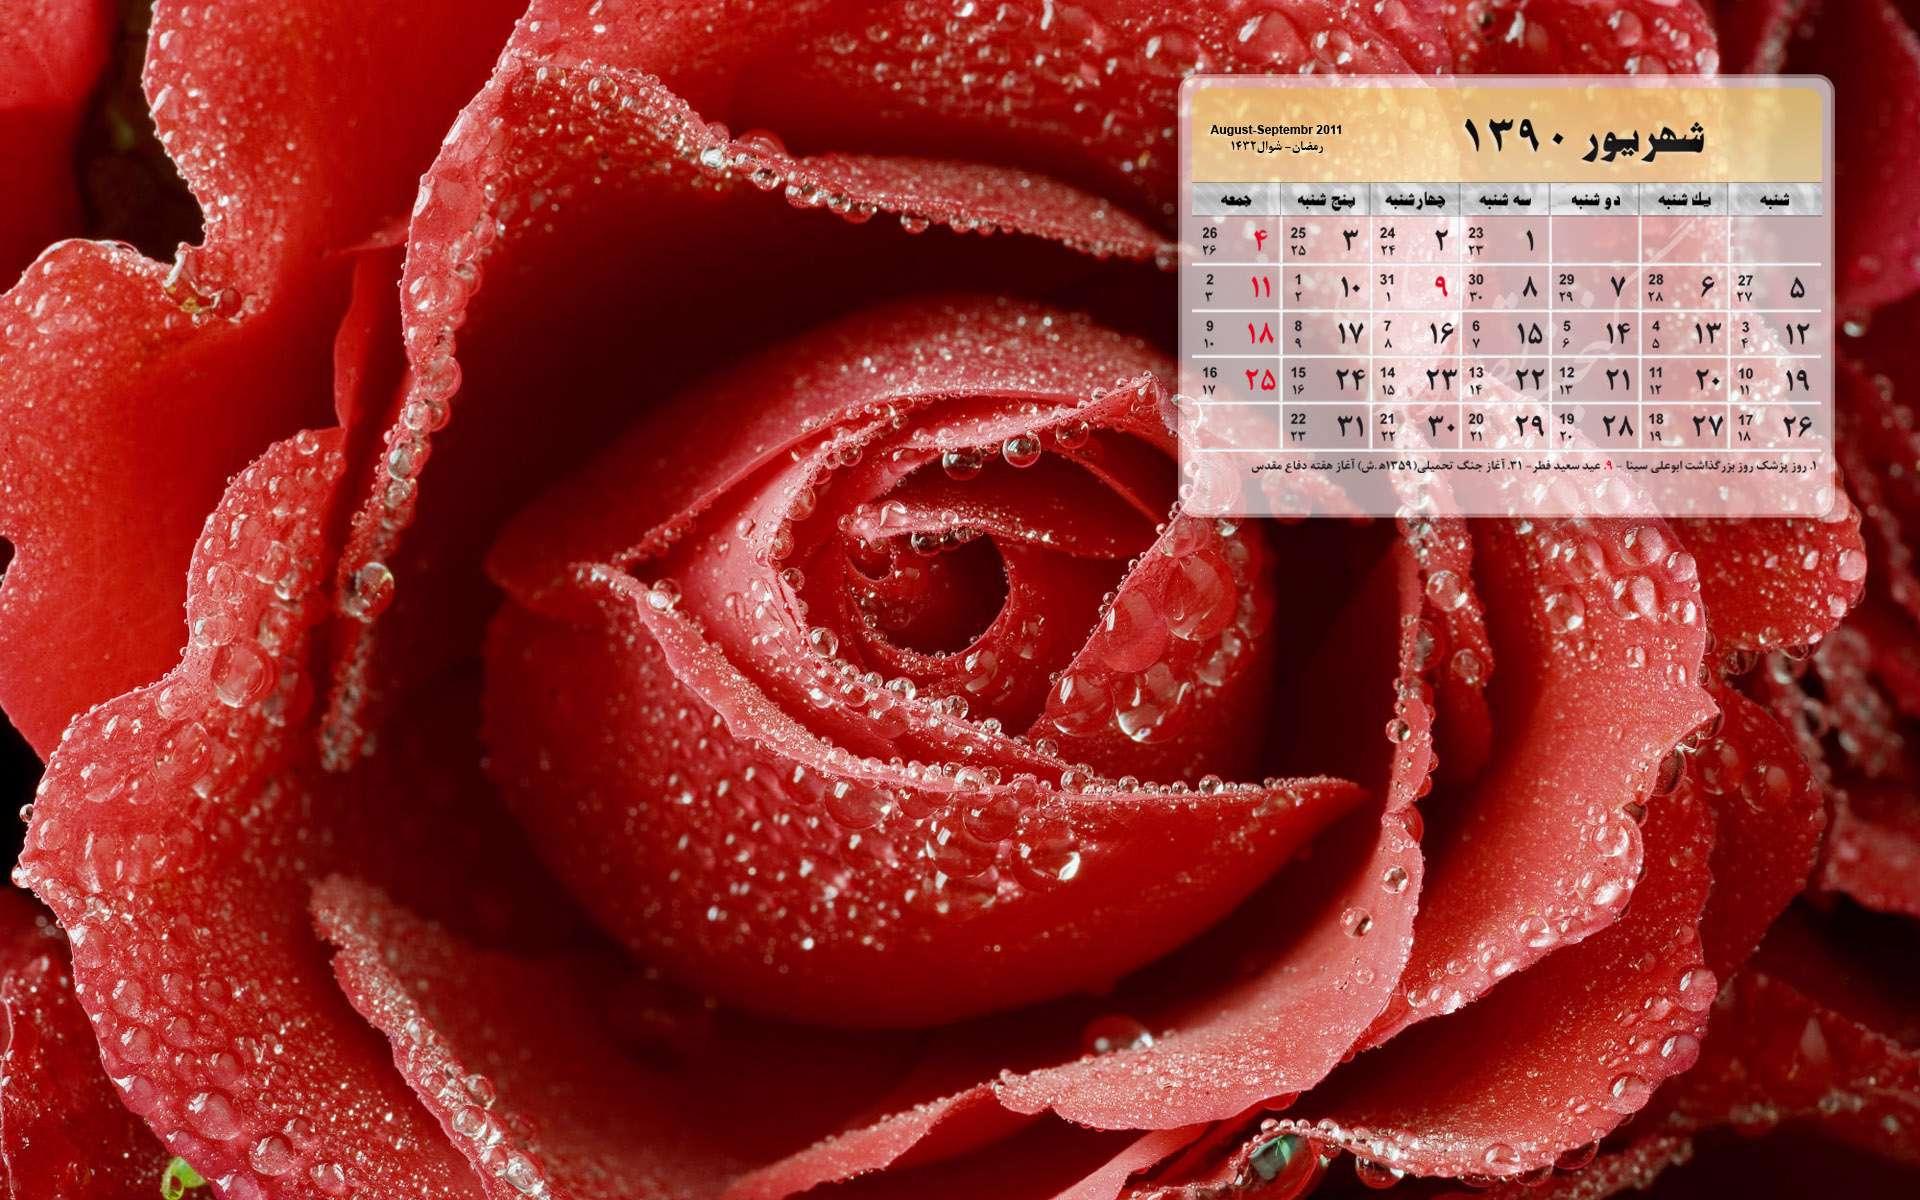 بیست والپیپر متفاوت و زیبا بهمراه تقویم شهریور ماه، سری اول